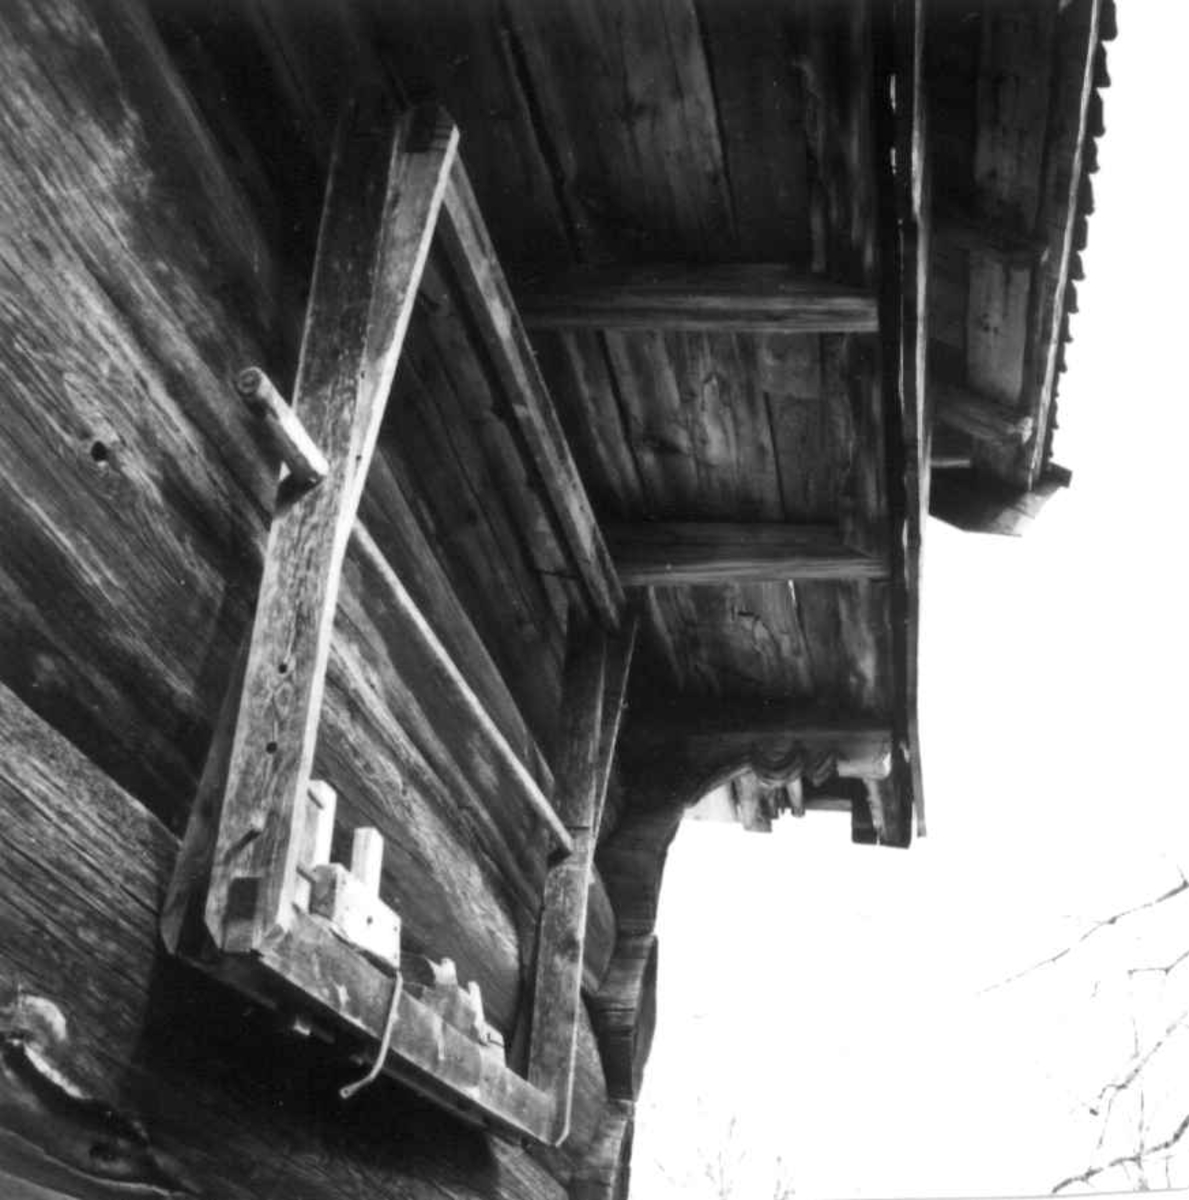 Bygning i Marum i Tinn. Verktøy henger ute på veggen.